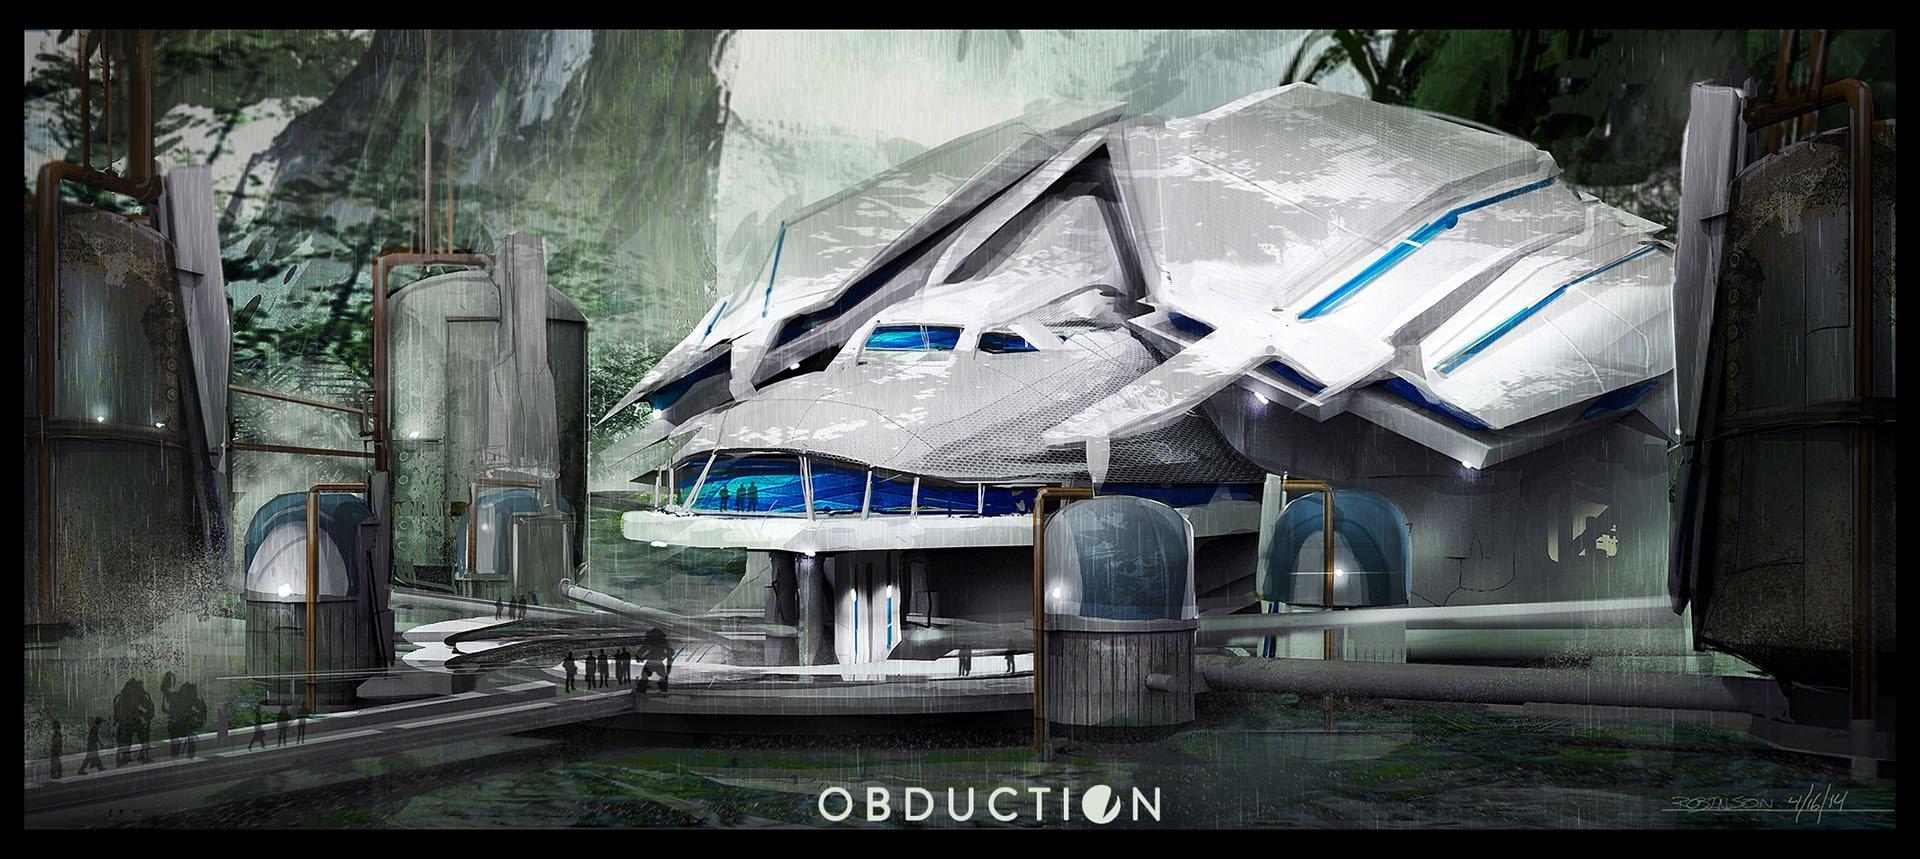 Возвращение Myst-ических квестов. Обзор Obduction - Изображение 1